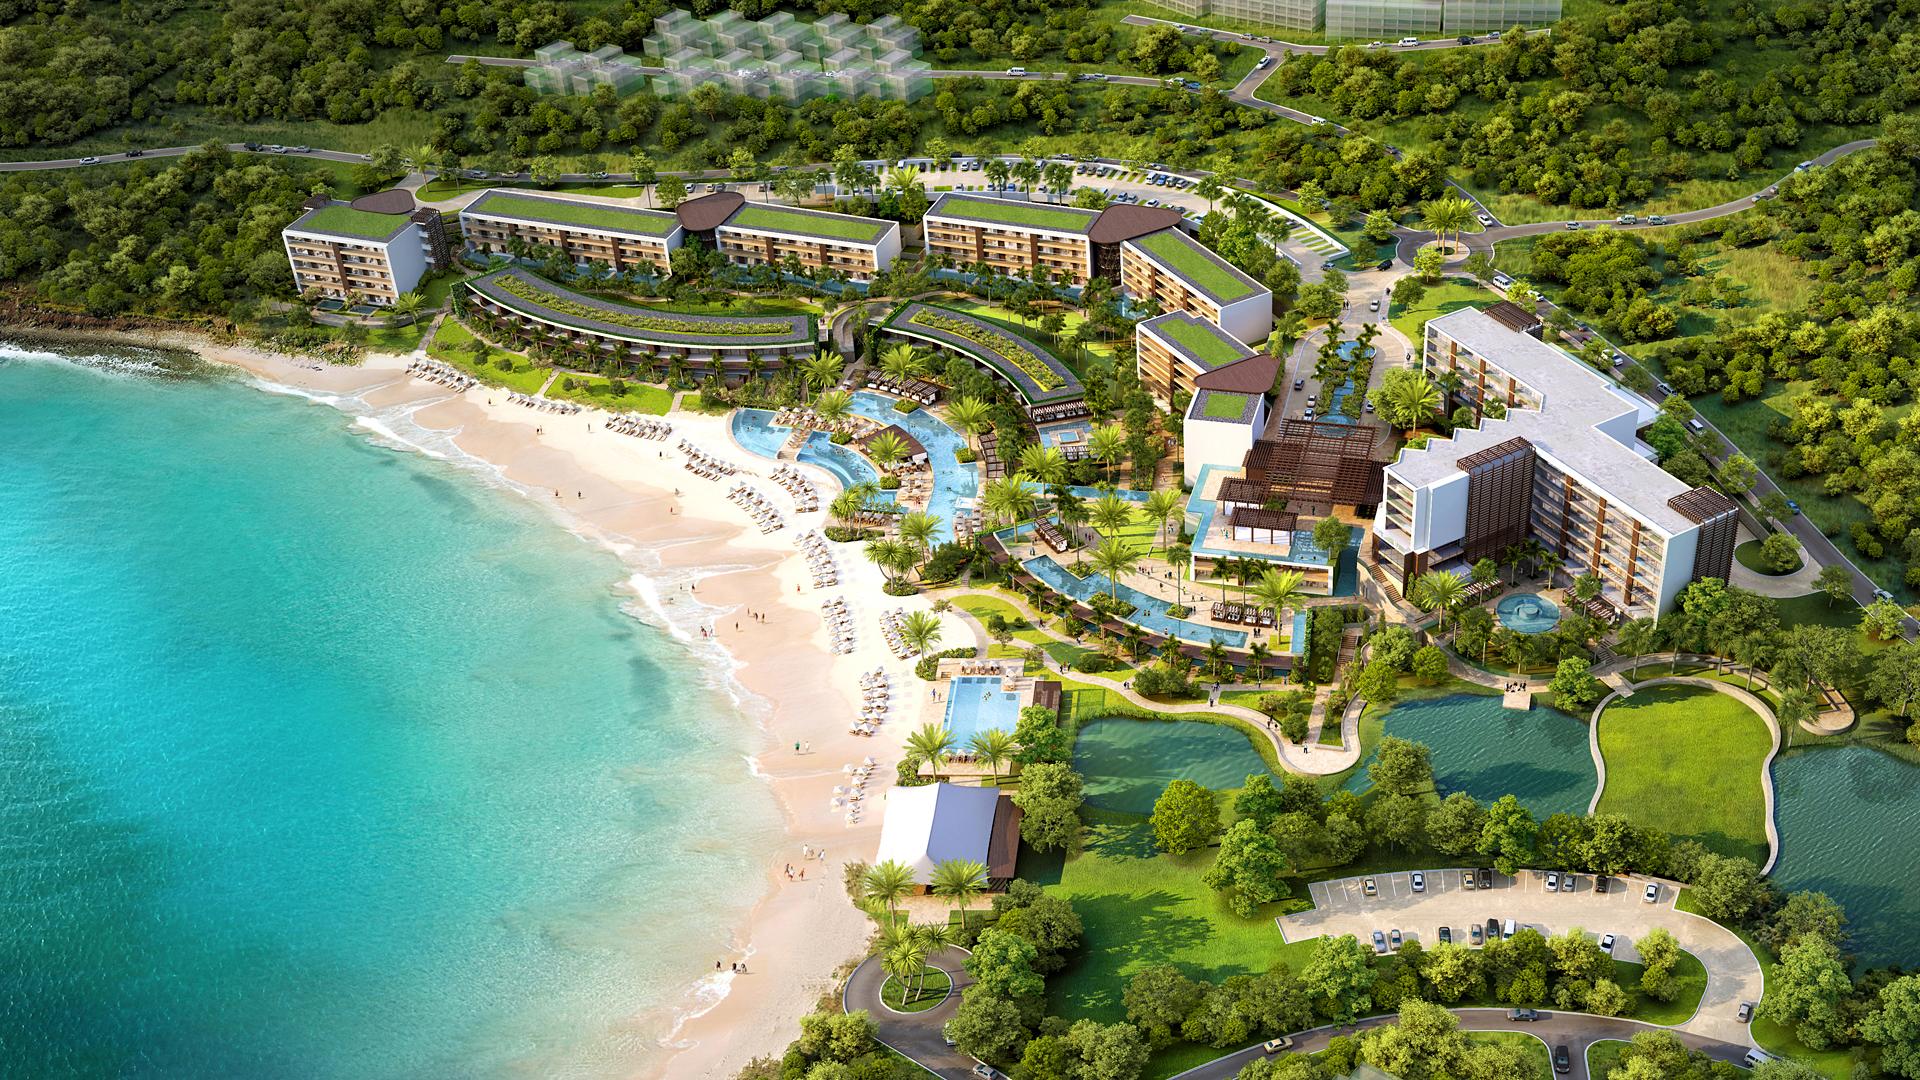 Indigo Bay Aerial View